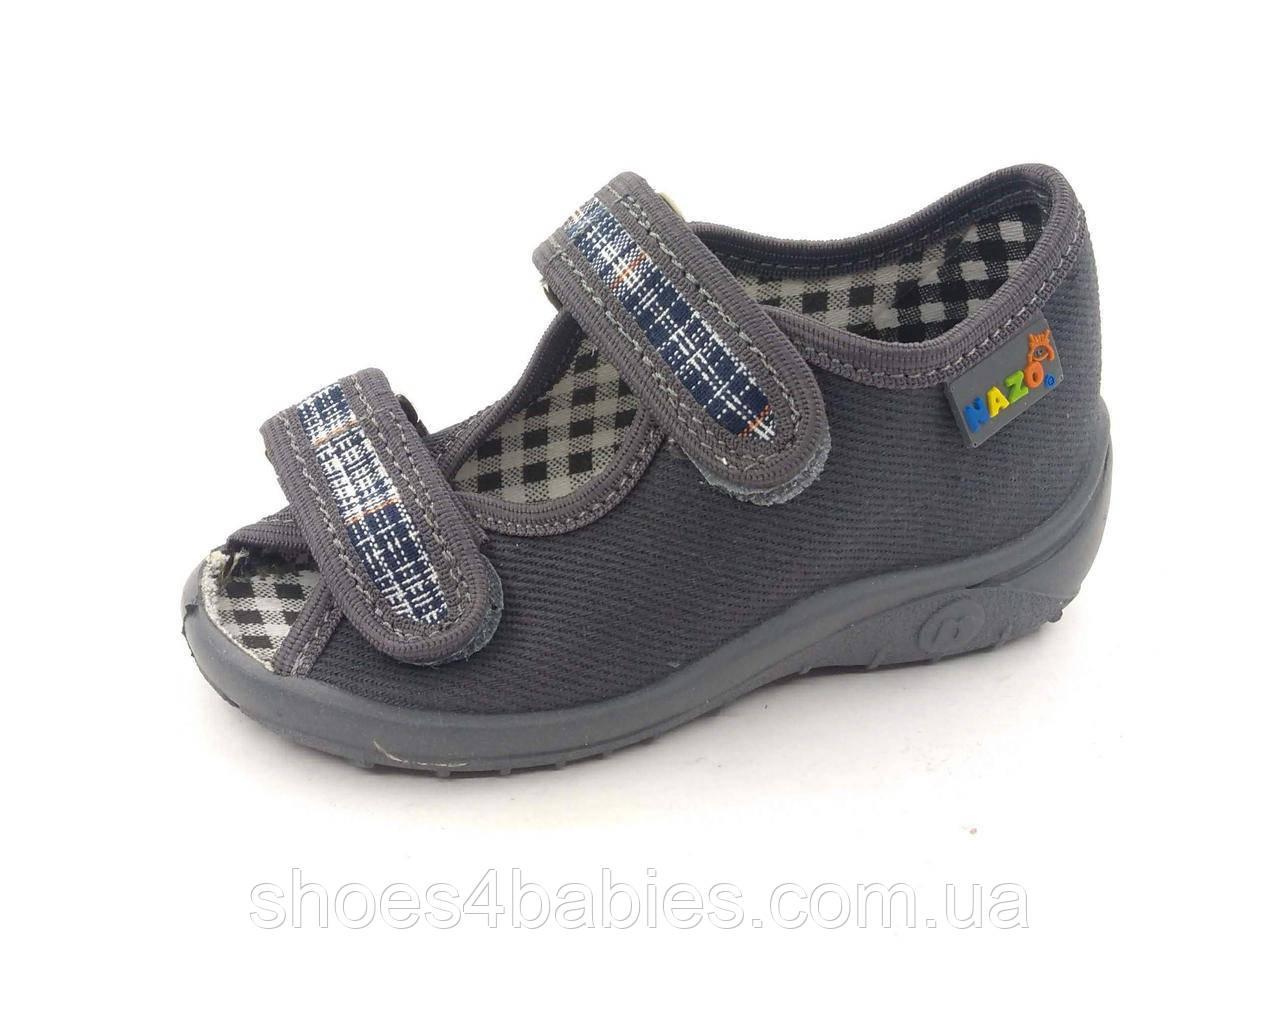 Детские тапочки для мальчика р. 20, 21, 23 Nazo 010 grey